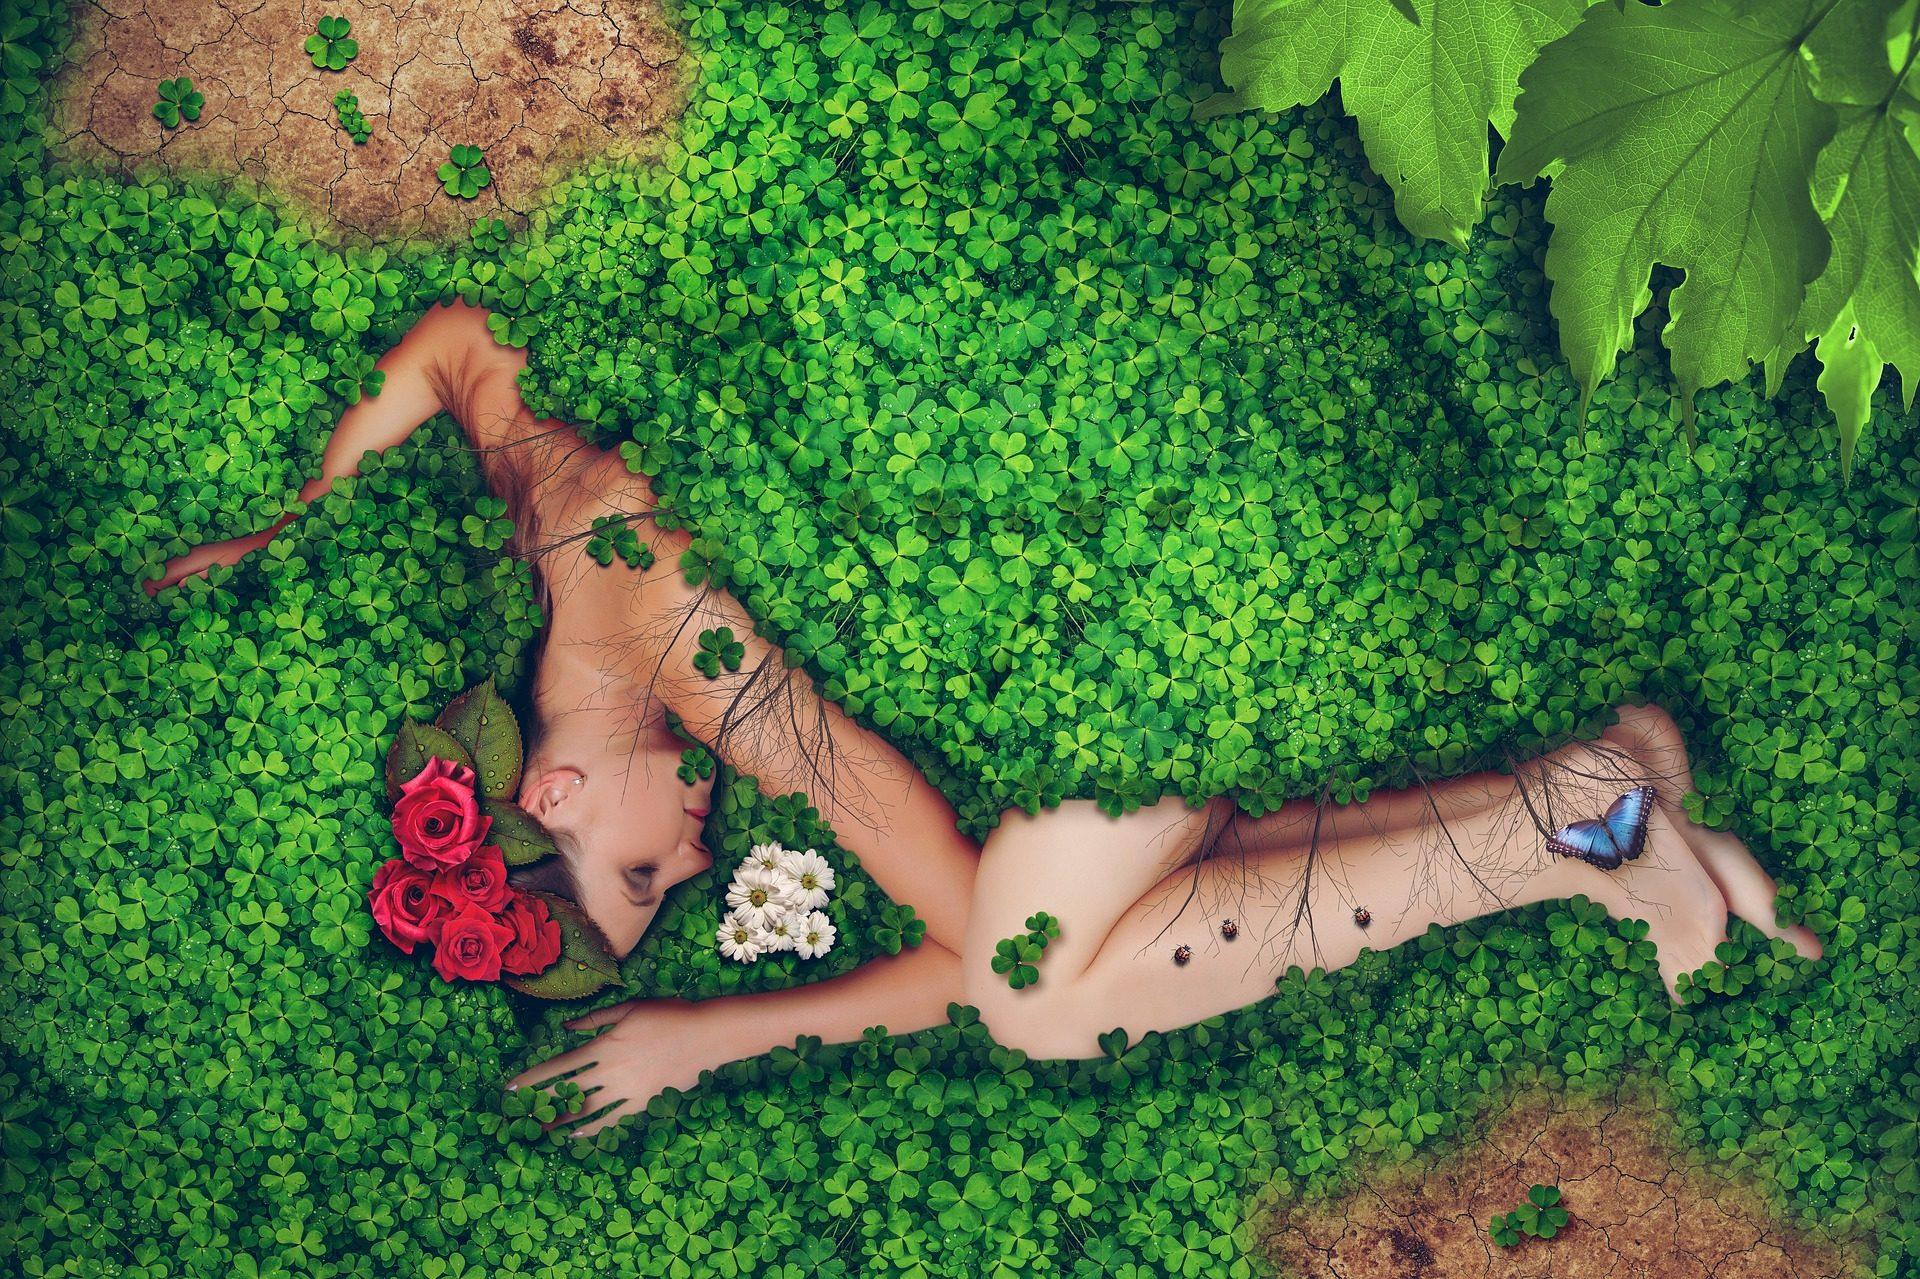 donna, trifogli, fiori, natura, Farfalla - Sfondi HD - Professor-falken.com